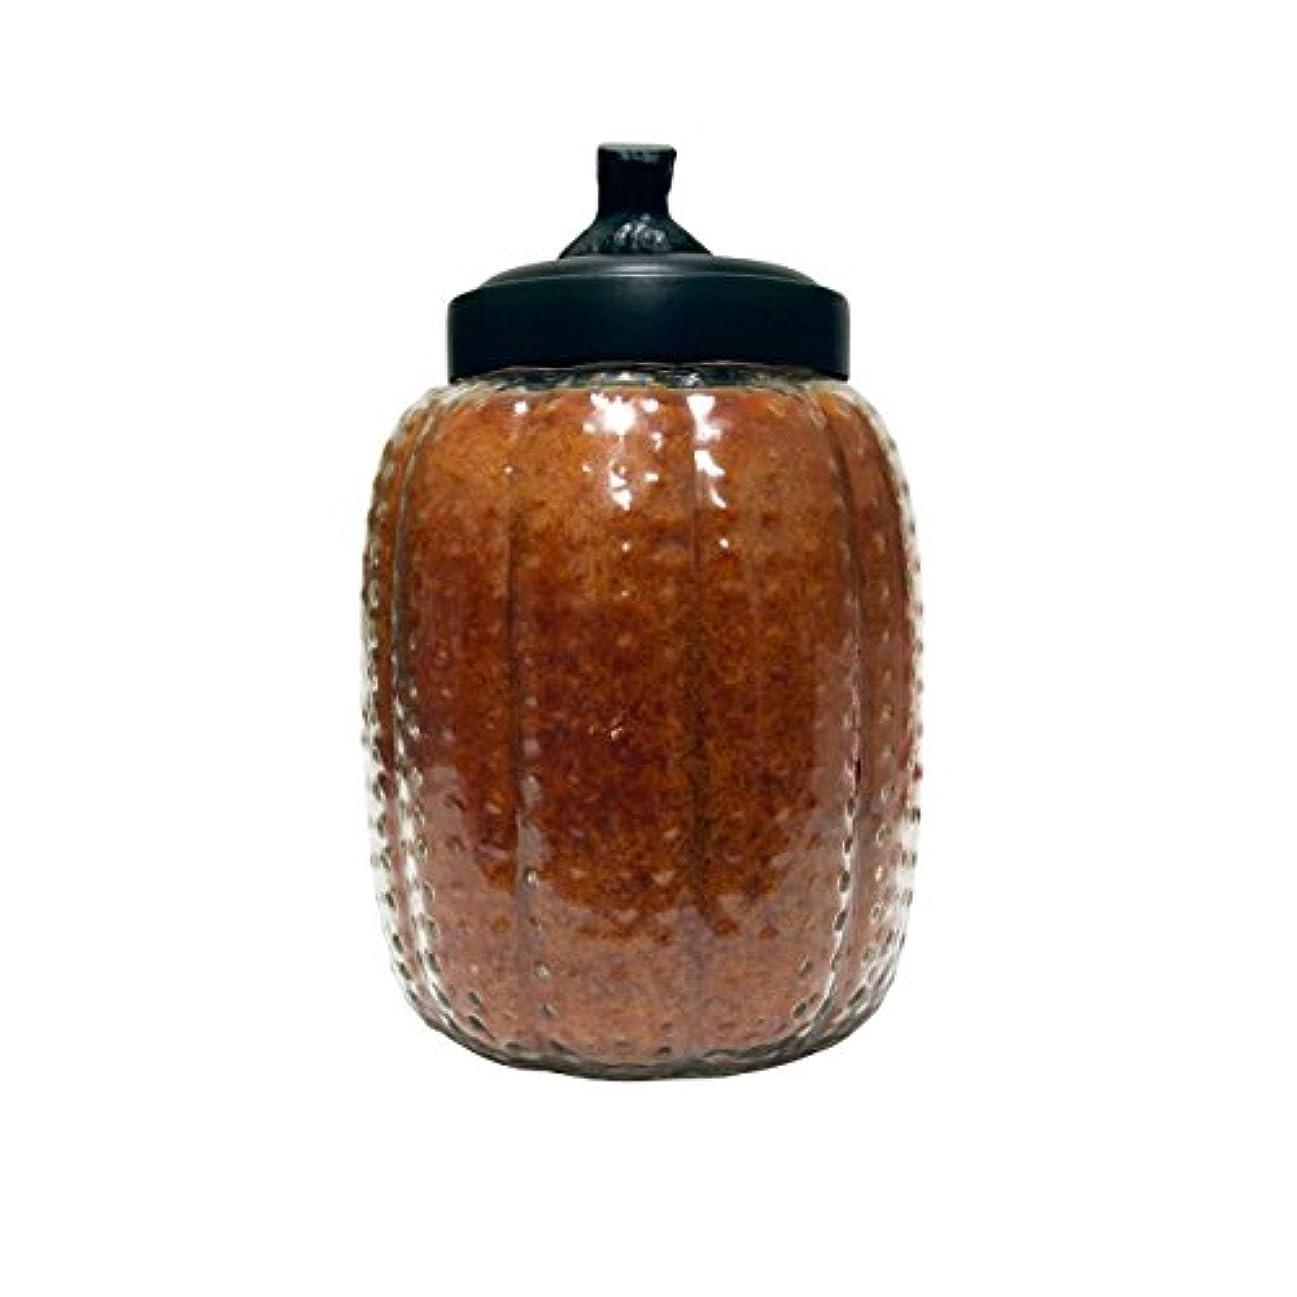 マットレス強要理由A Cheerful Giver Autumn Orchards Pumpkin Jar Candle, 26-Ounce by Cheerful Giver [並行輸入品]